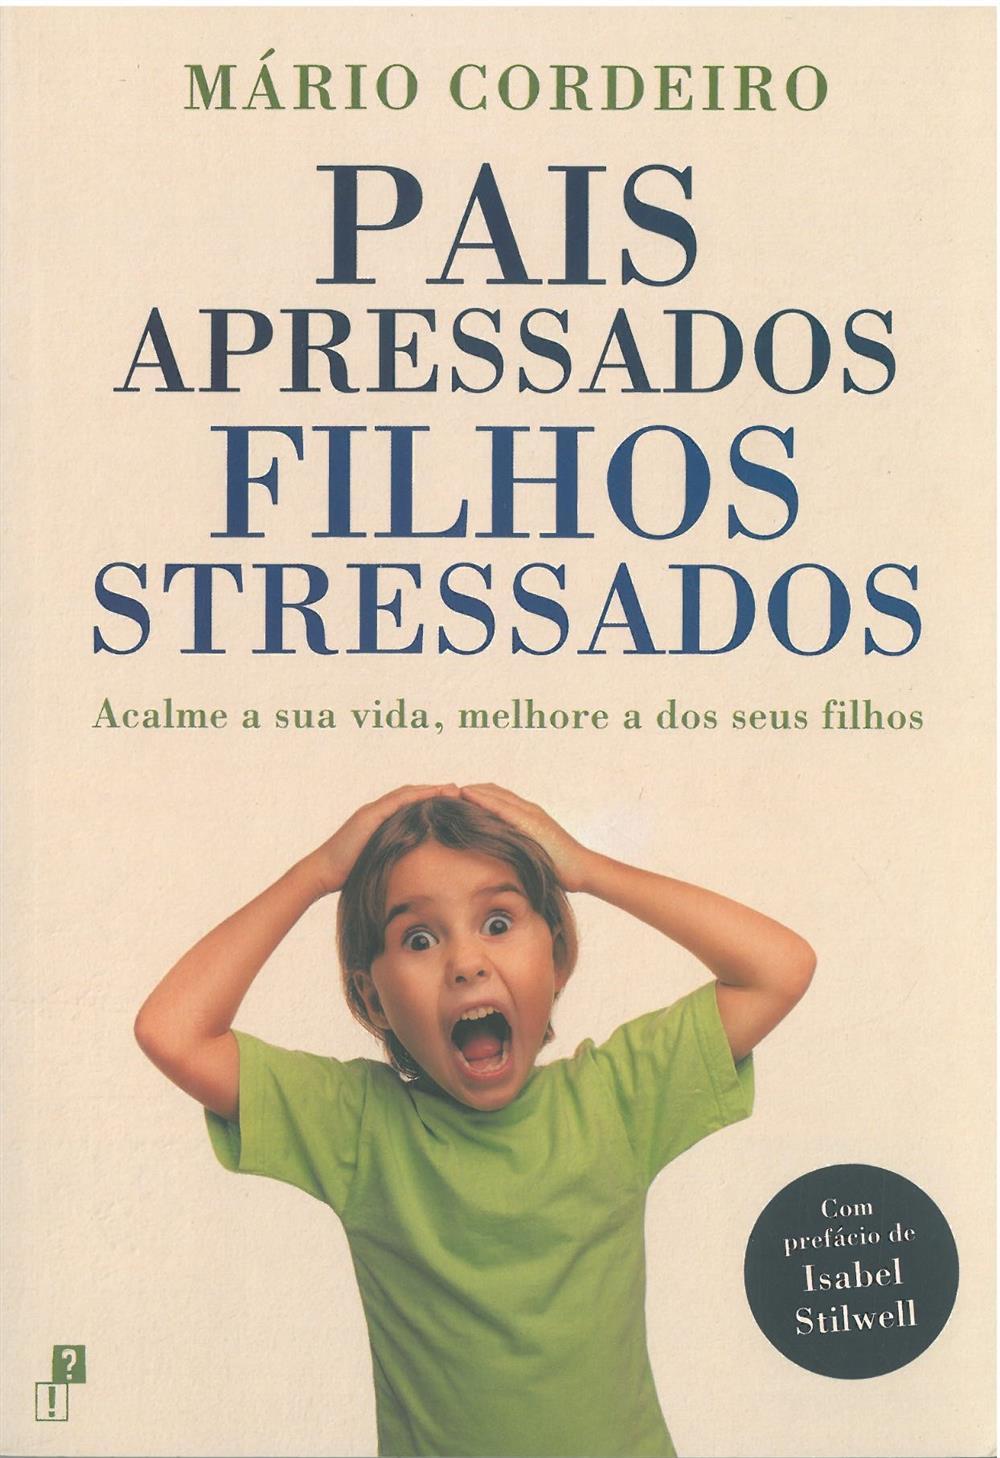 Pais apressados filhos stressados.jpg